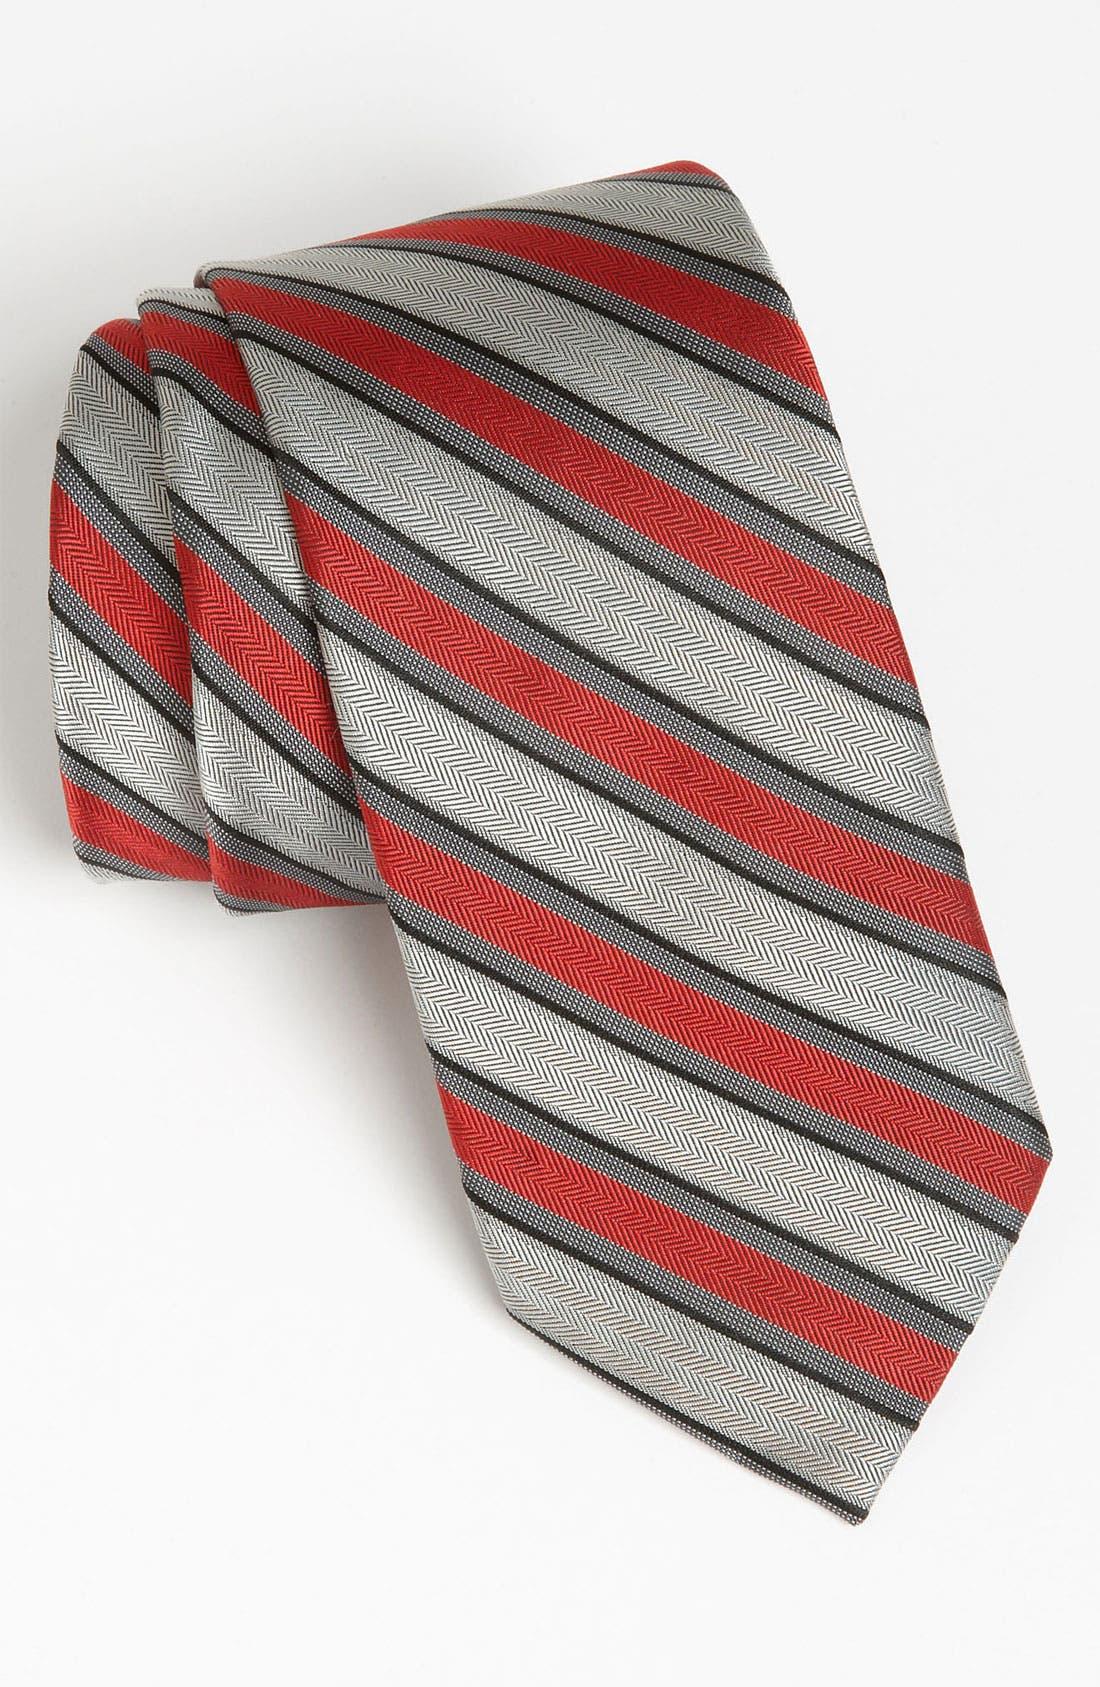 Main Image - Calvin Klein Woven Tie